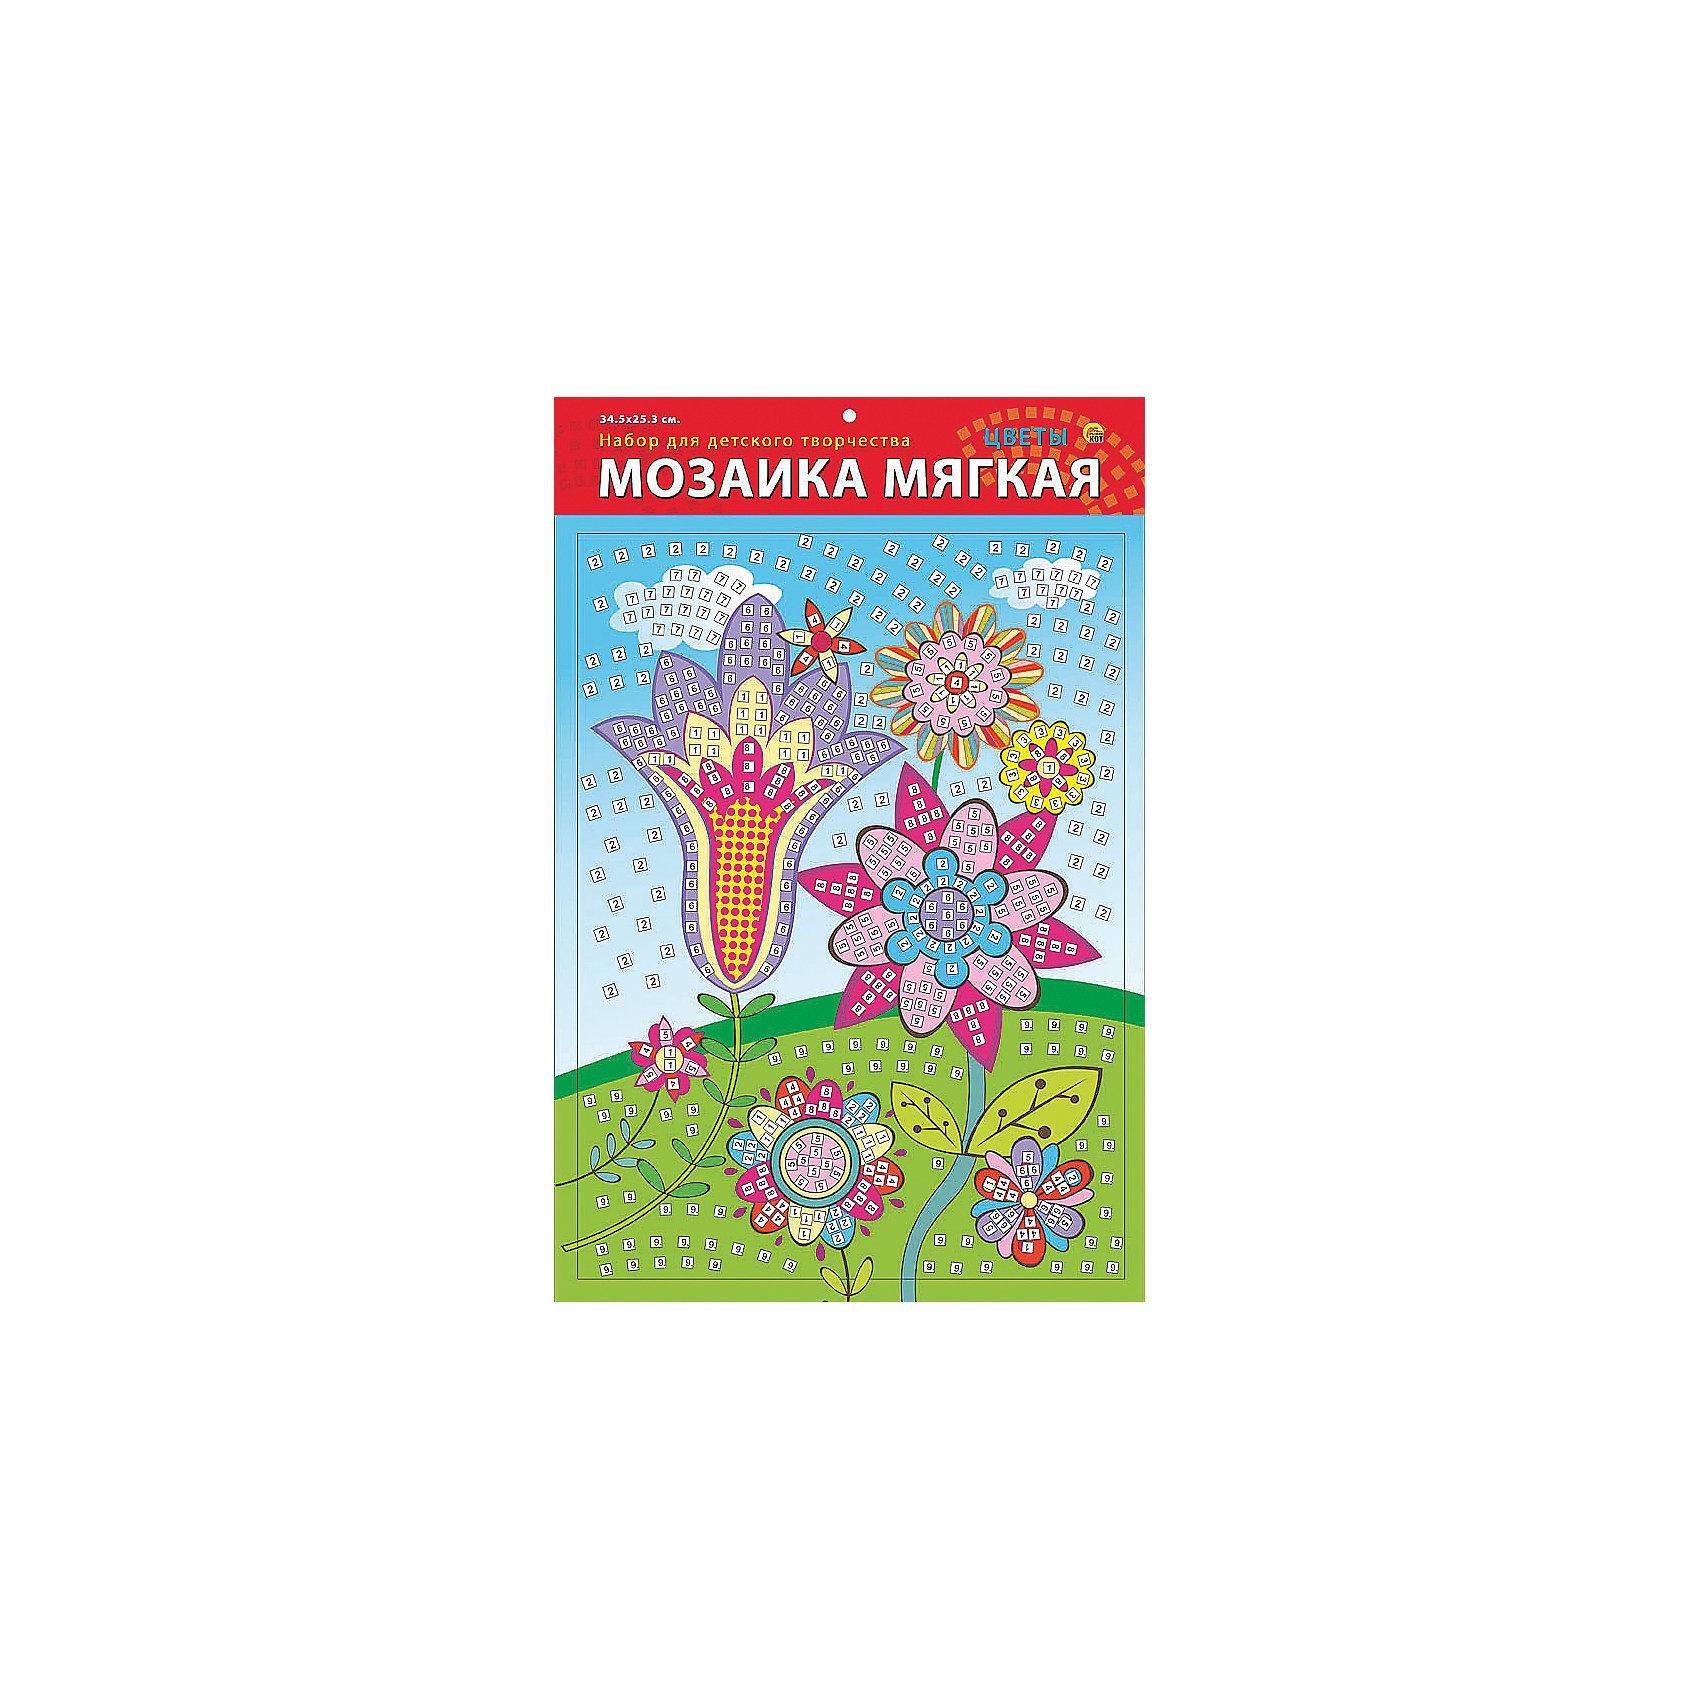 Мягкая мозаика Цветы формат А3 (34.5х25 см)Замечательный набор для детского творчества серии Мягкая мозаика станет прекрасным подарком для Вашего ребёнка, ведь он развивает творческие способности, мелкую моторику рук, цветовосприятие, внимание и художественный вкус! Малышу просто необходимо приклеить к пронумерованным областям на картинке детали соответствующих цветов. Набор привлекает ярким красивым дизайном и выполнен из безопасных материалов. Предназначено для детей в возрасте от 3-х лет.<br><br>Ширина мм: 225<br>Глубина мм: 30<br>Высота мм: 180<br>Вес г: 450<br>Возраст от месяцев: 0<br>Возраст до месяцев: 108<br>Пол: Унисекс<br>Возраст: Детский<br>SKU: 5096852